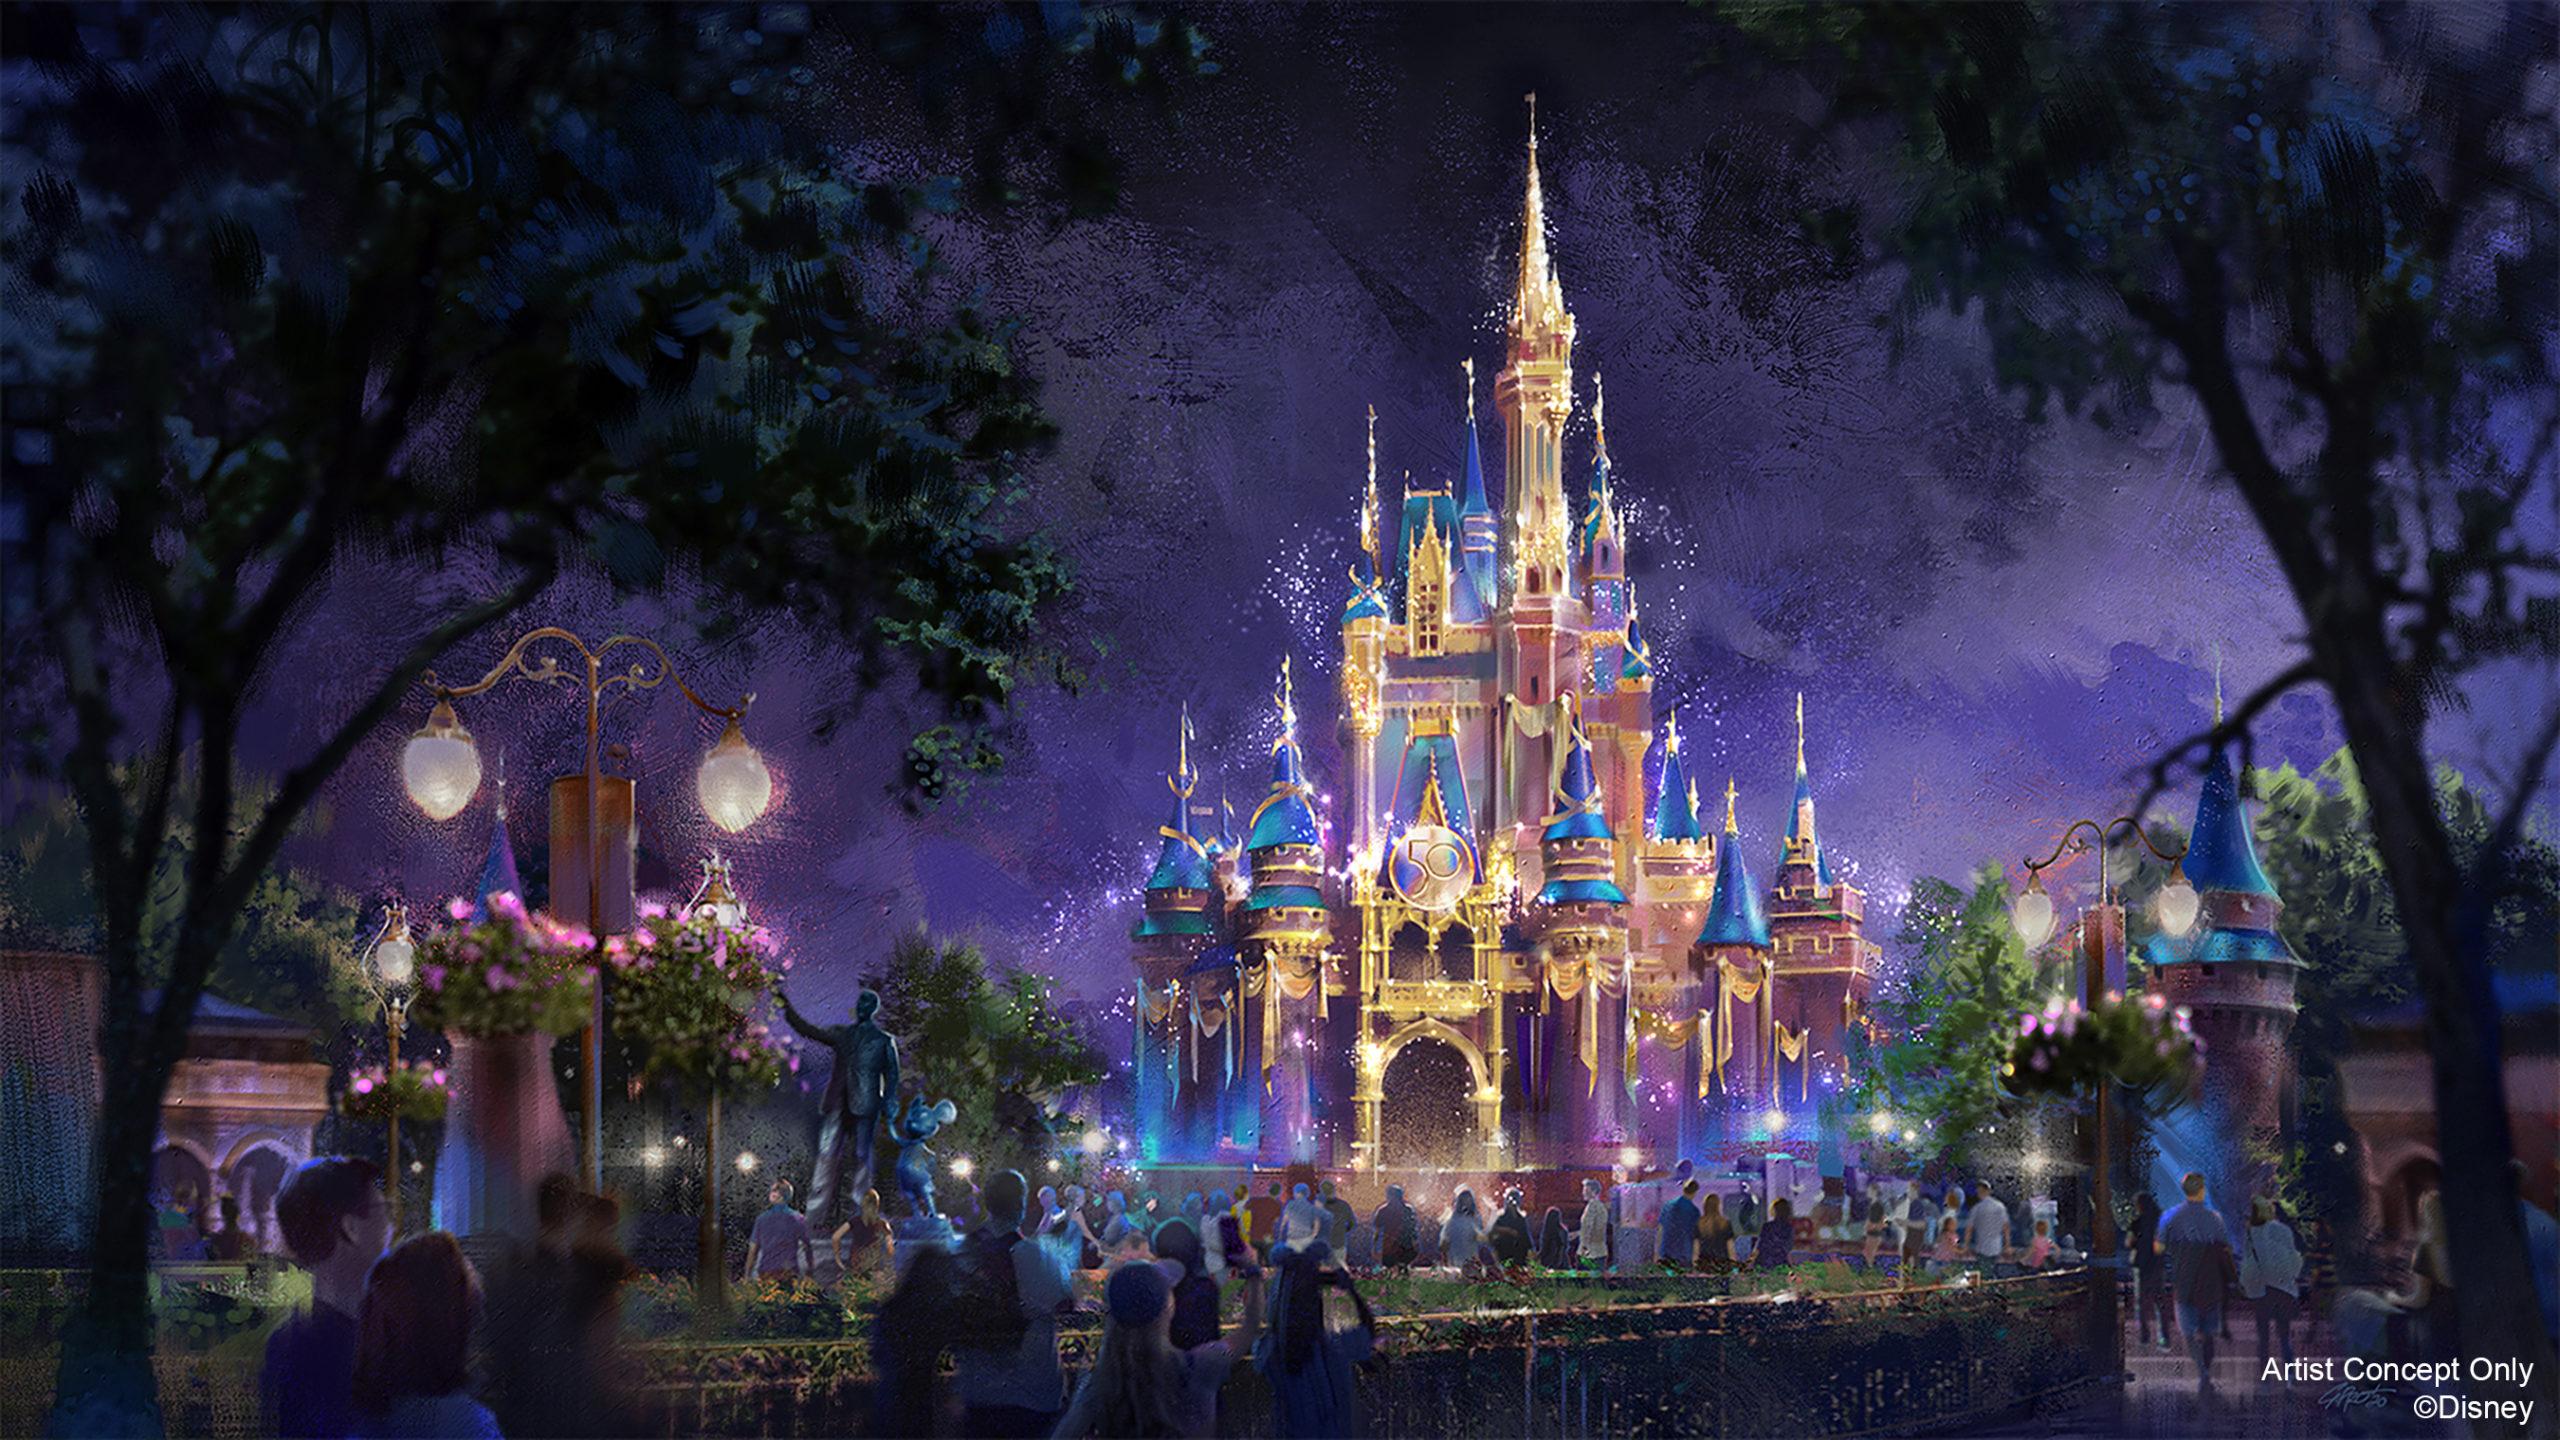 Cinderella Castle becomes a Beacon of Magic